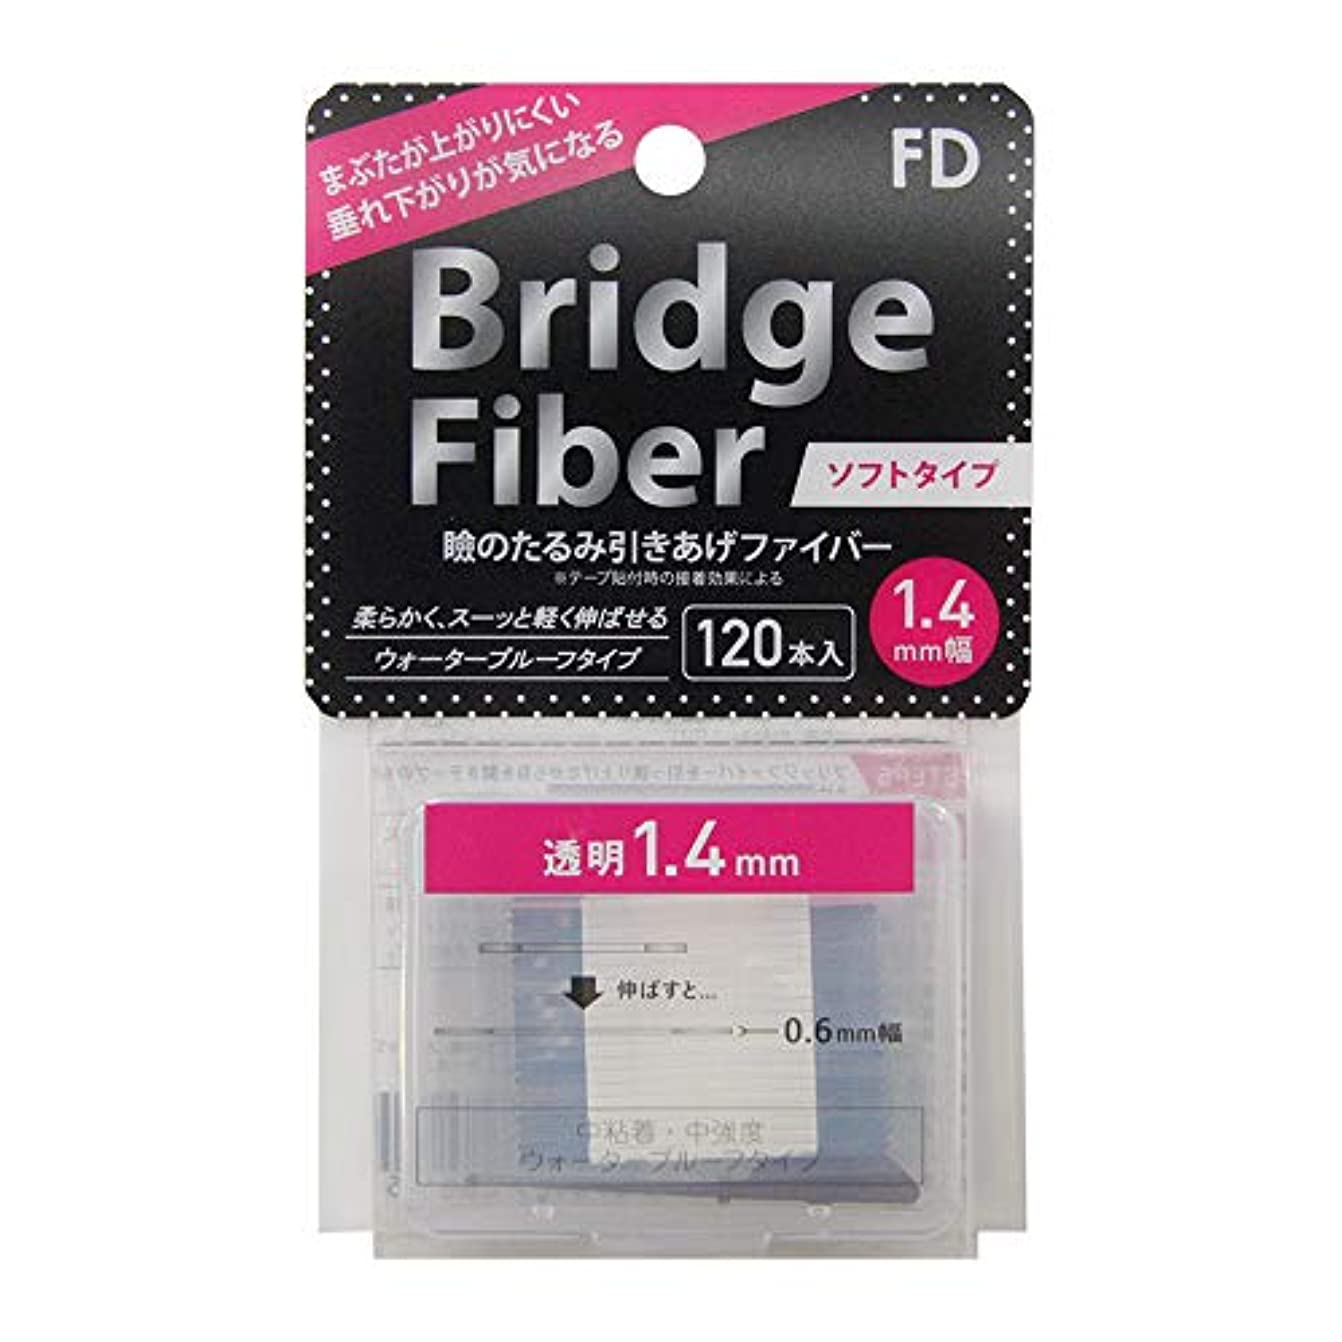 戻す田舎者どれかFD ブリッジソフトファイバー 眼瞼下垂防止テープ ソフトタイプ 透明1.4mm幅 120本入り